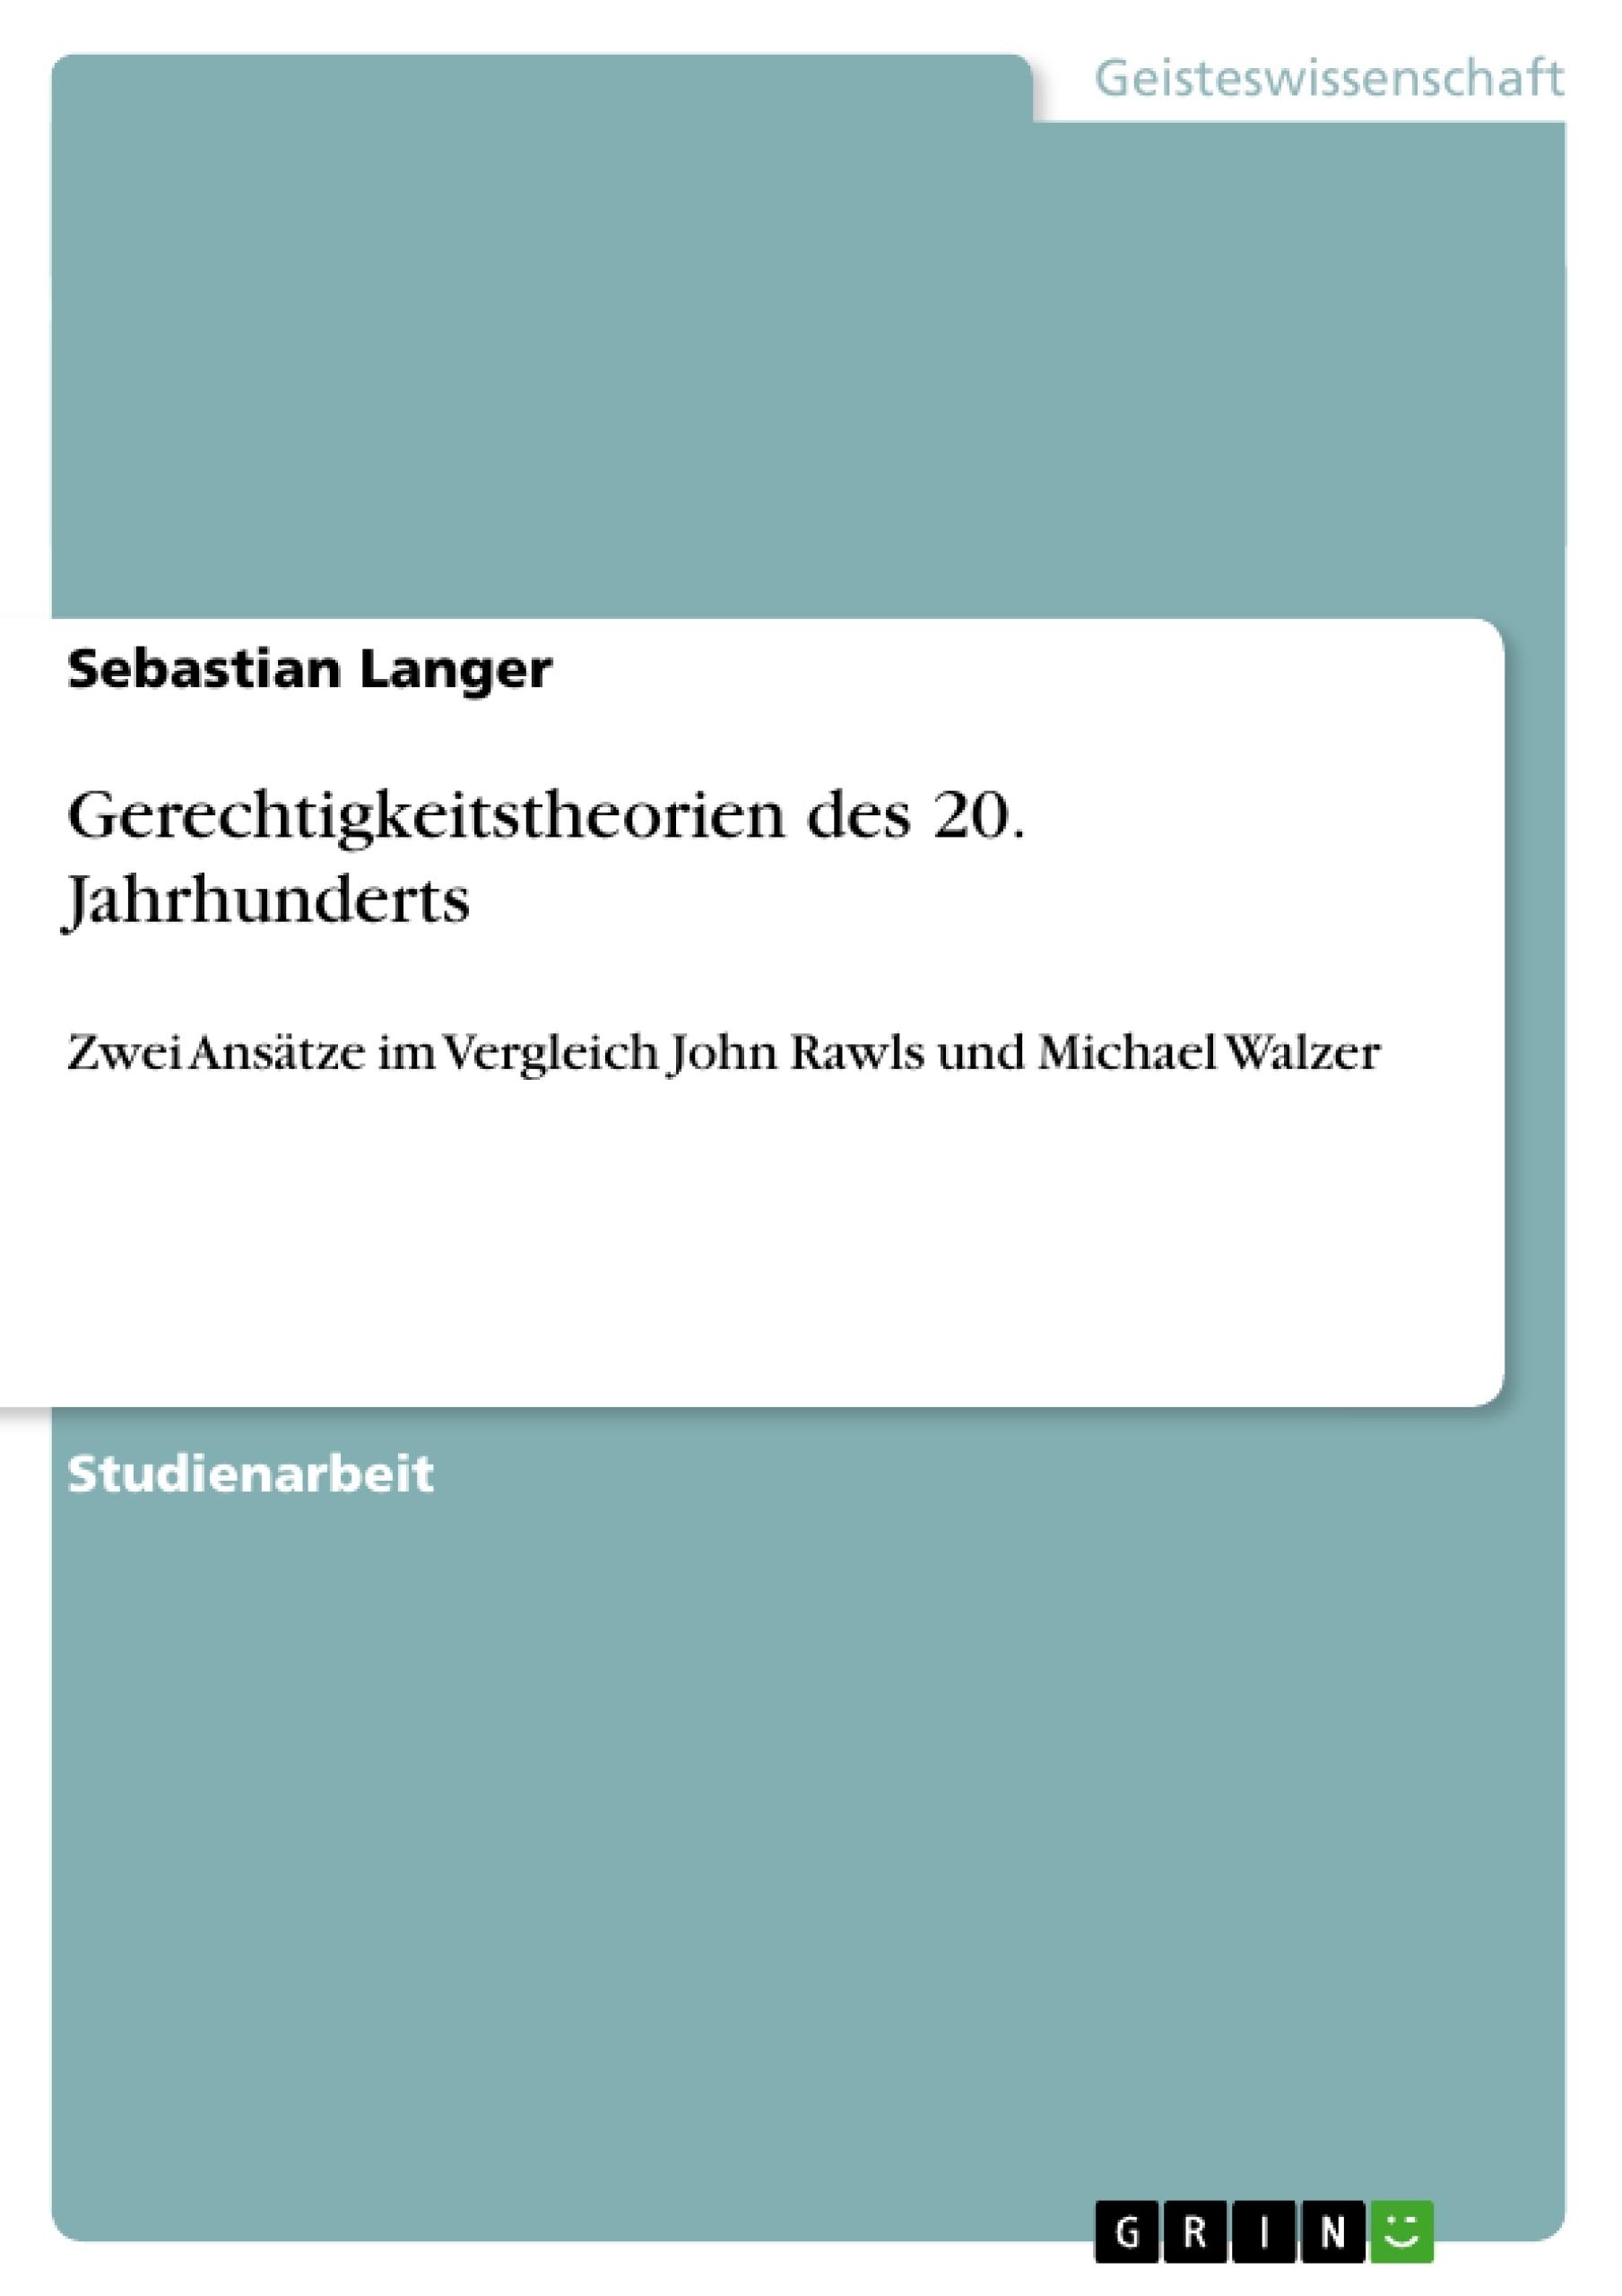 Titel: Gerechtigkeitstheorien des 20. Jahrhunderts